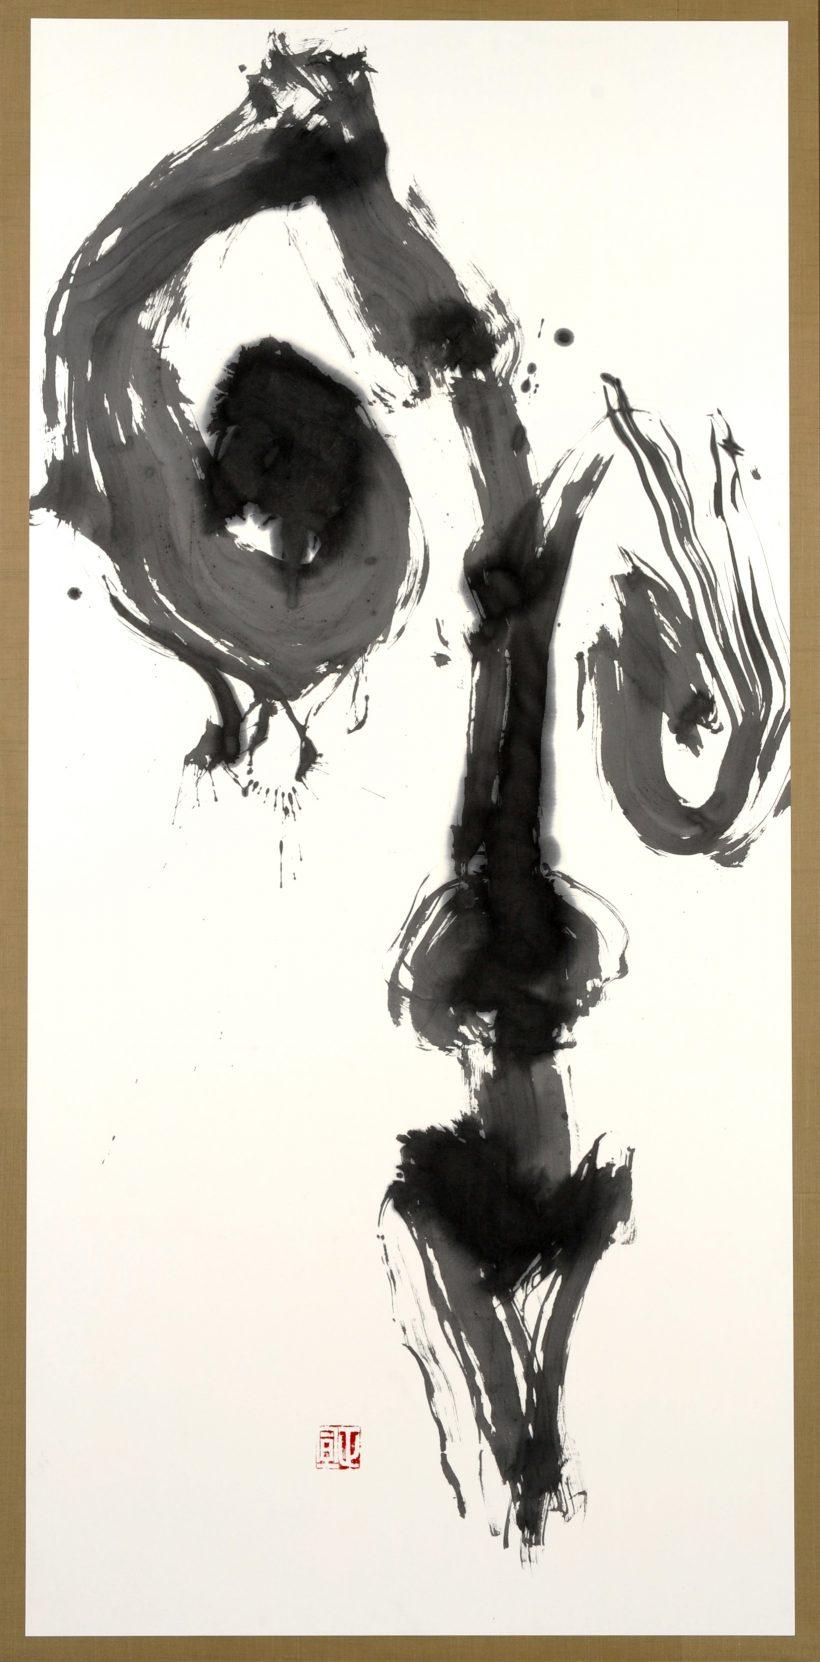 第70回滋賀県美術展覧会(書の部)特選「羊」